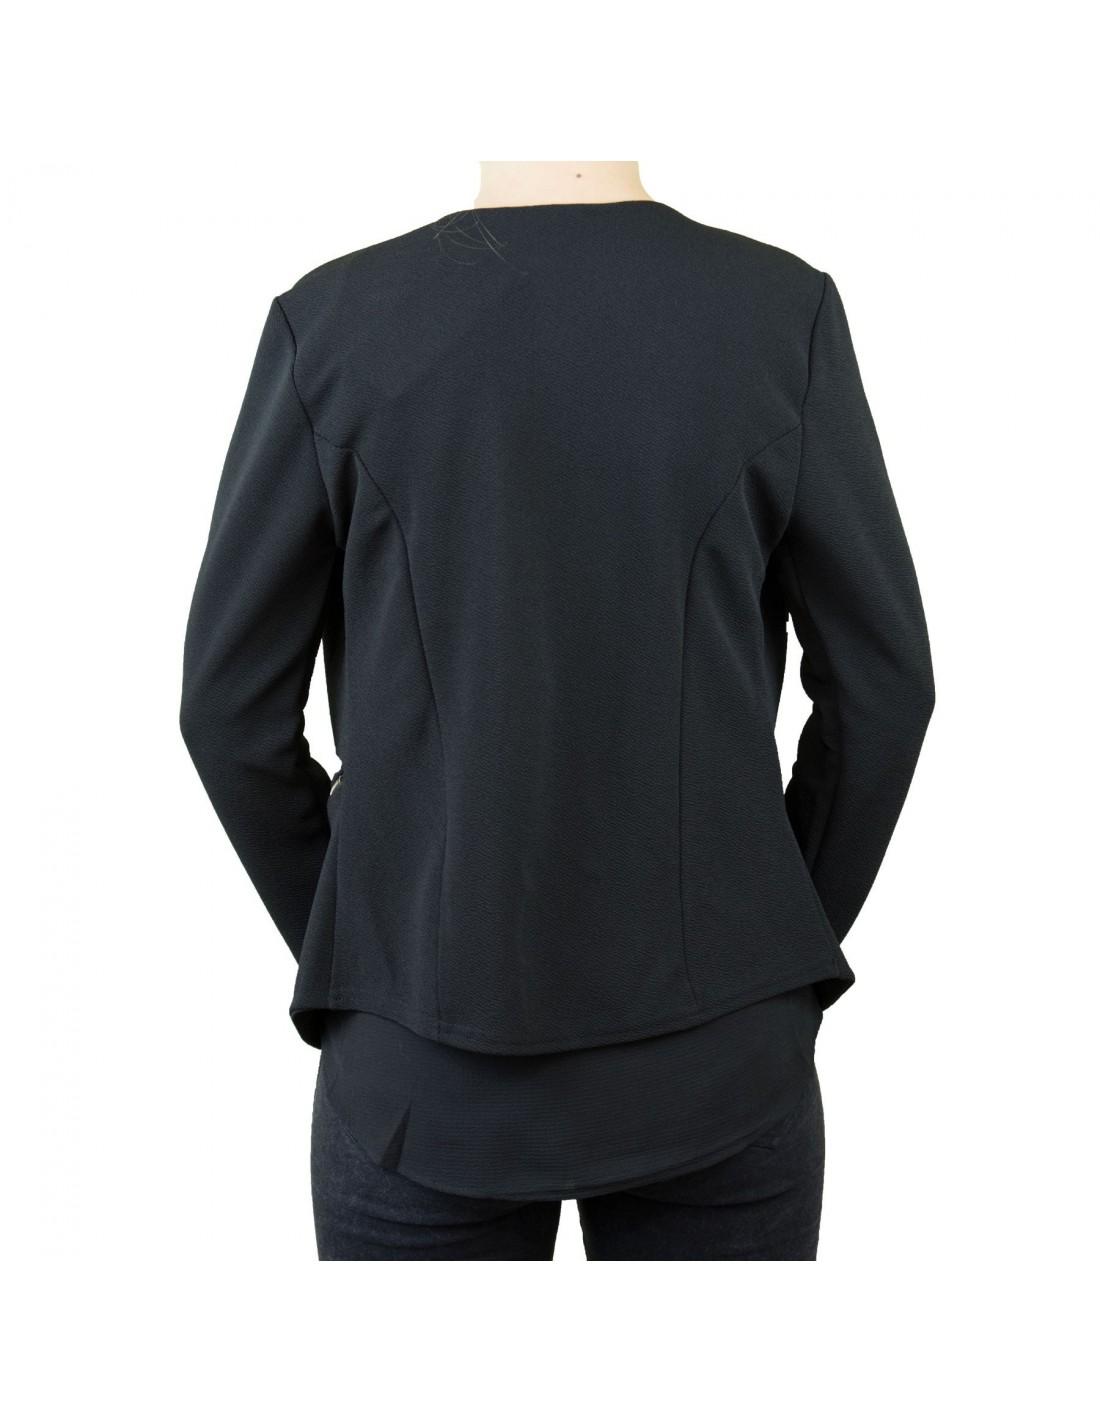 veste blazer femme noire effet gilet l ger poches zip dor. Black Bedroom Furniture Sets. Home Design Ideas